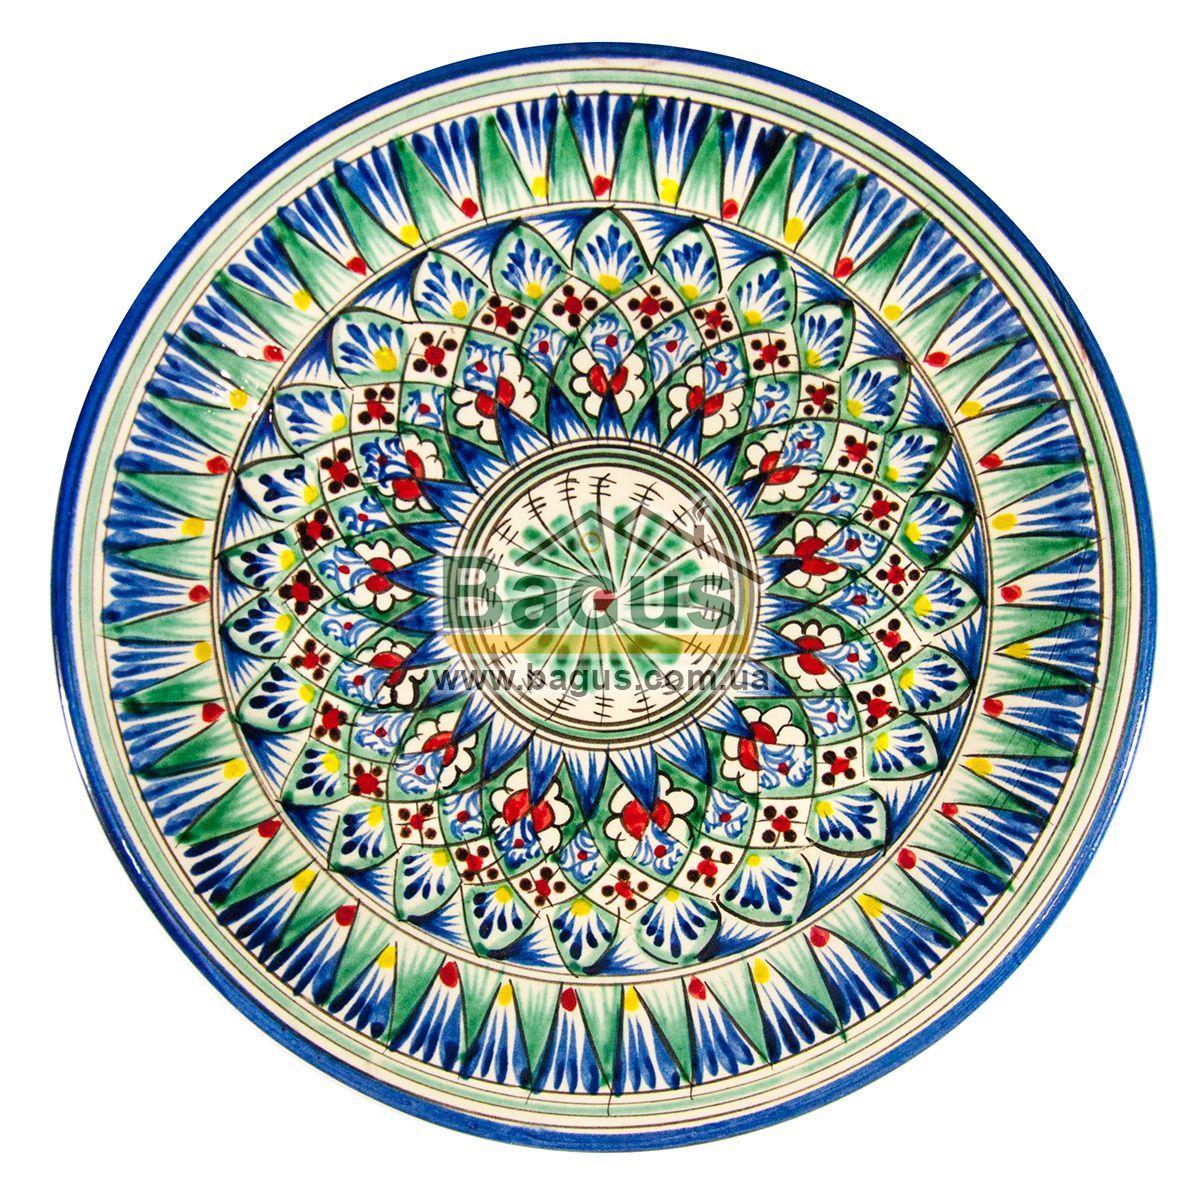 Тарілка узбецька діаметр 27см висота 3,5 см ручна робота 2704-08